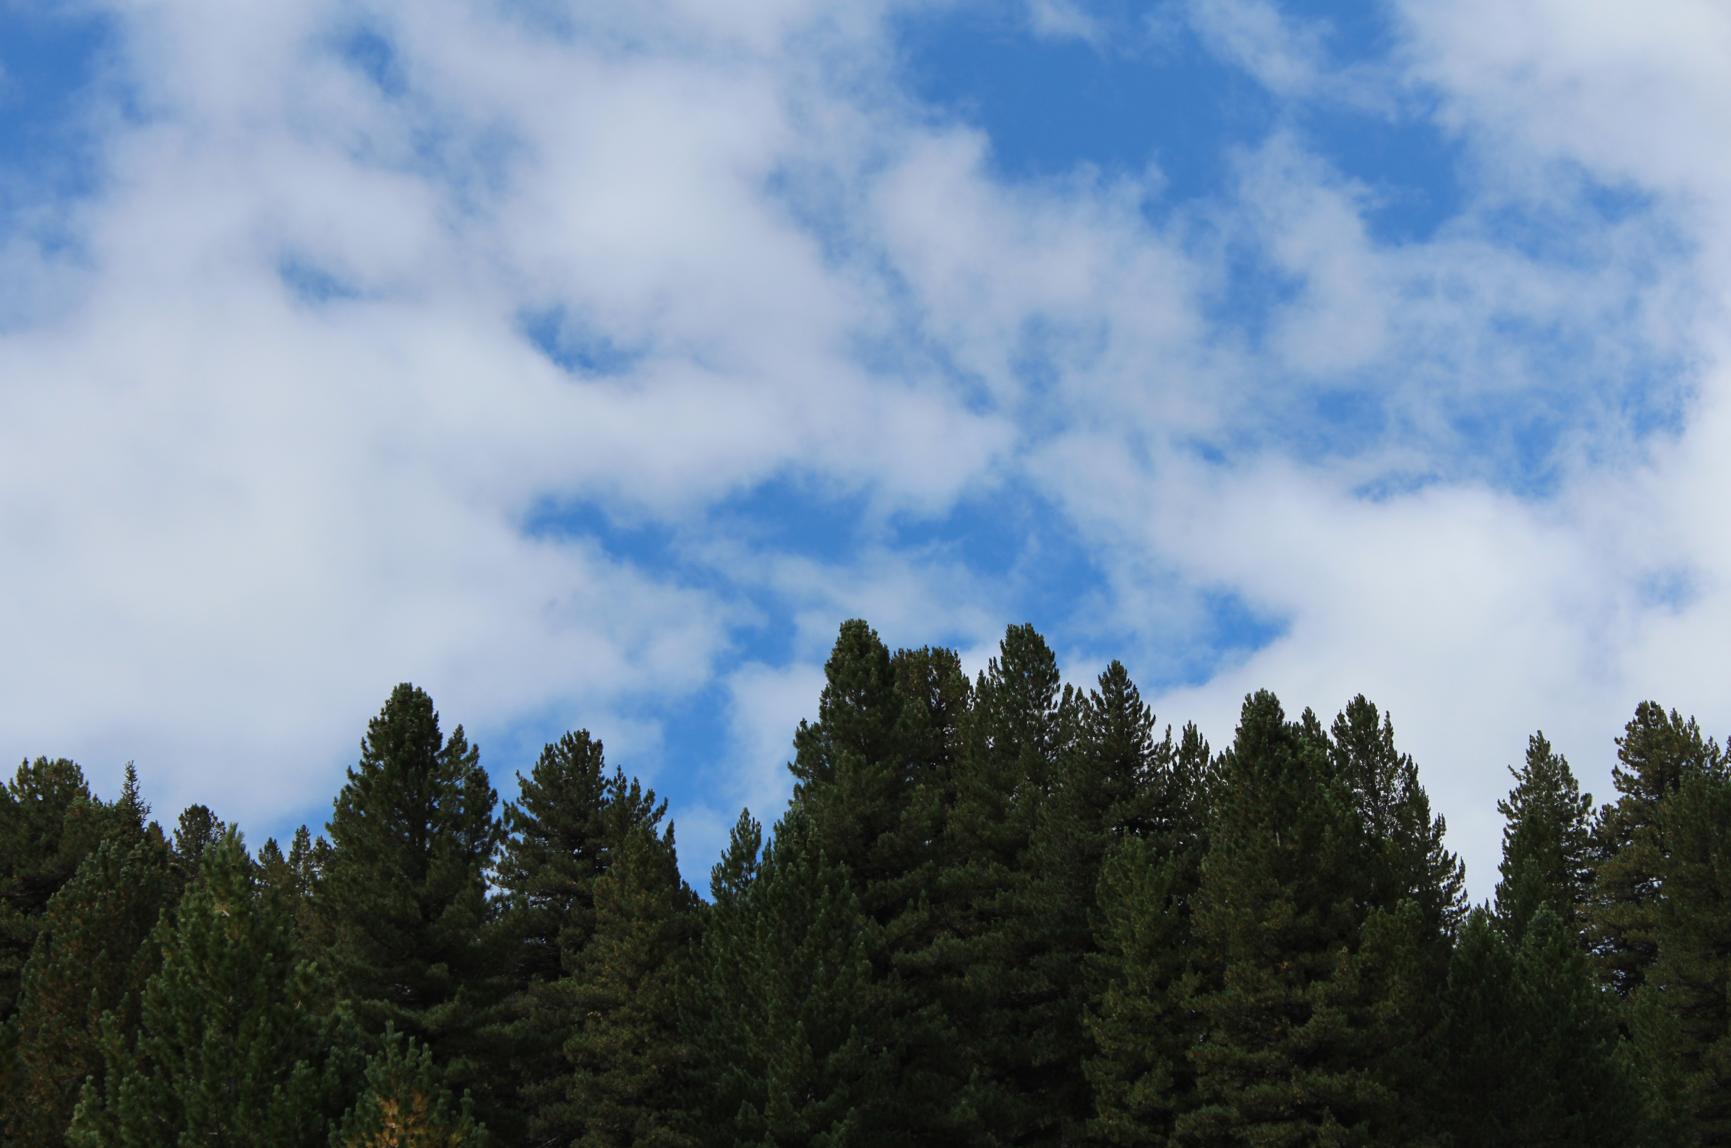 19 Himmel und Bäume